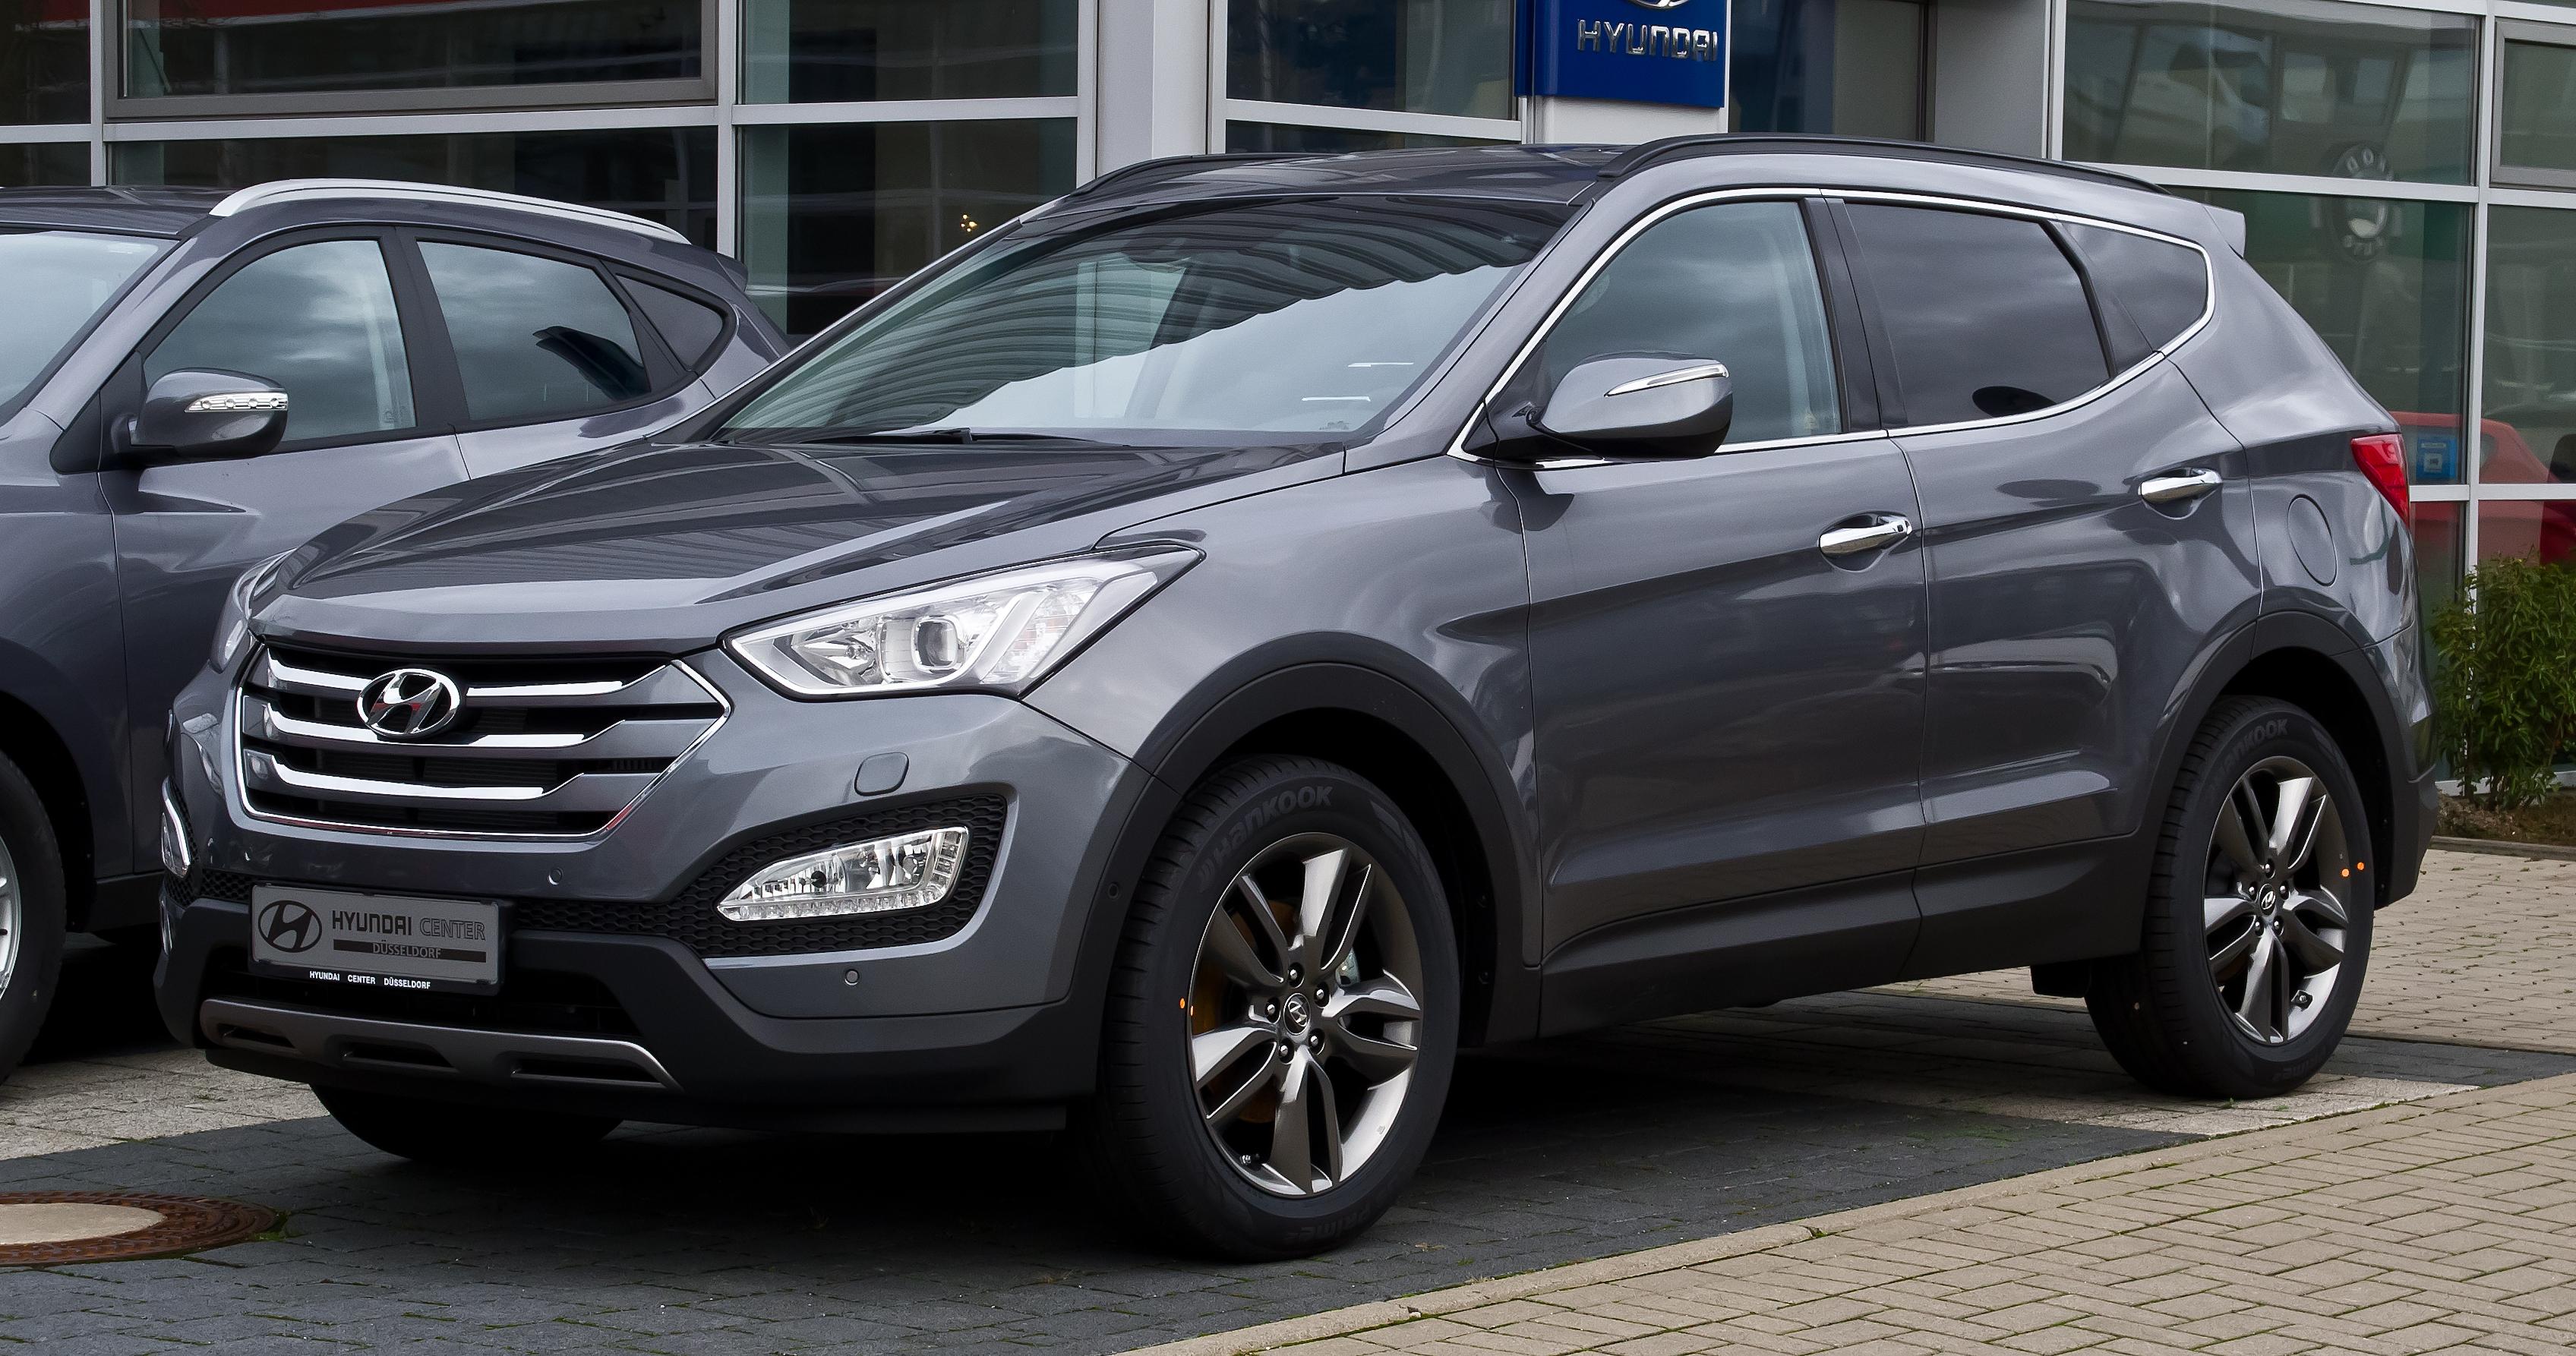 Hyundai santa fe 2014 фото